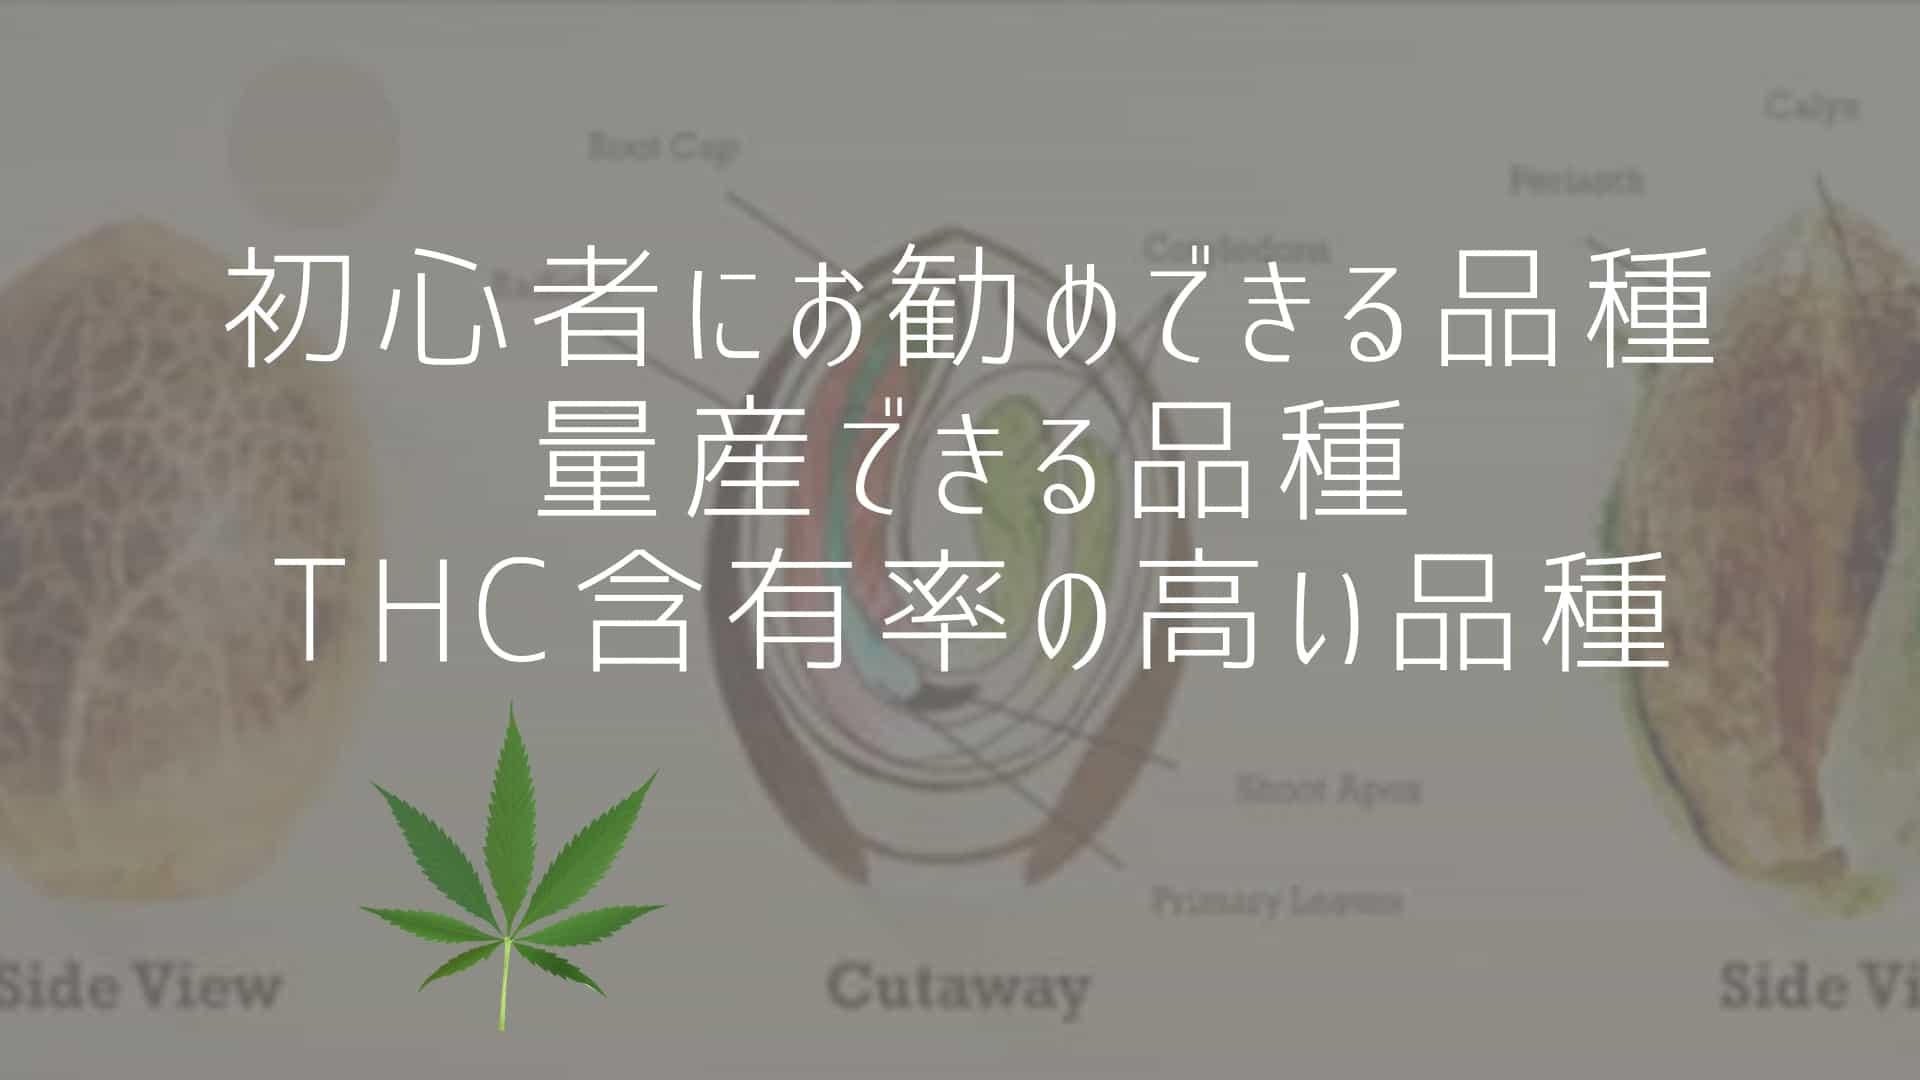 初心者にお勧めできる品種、量産できる品種、THC含有率の高い品種